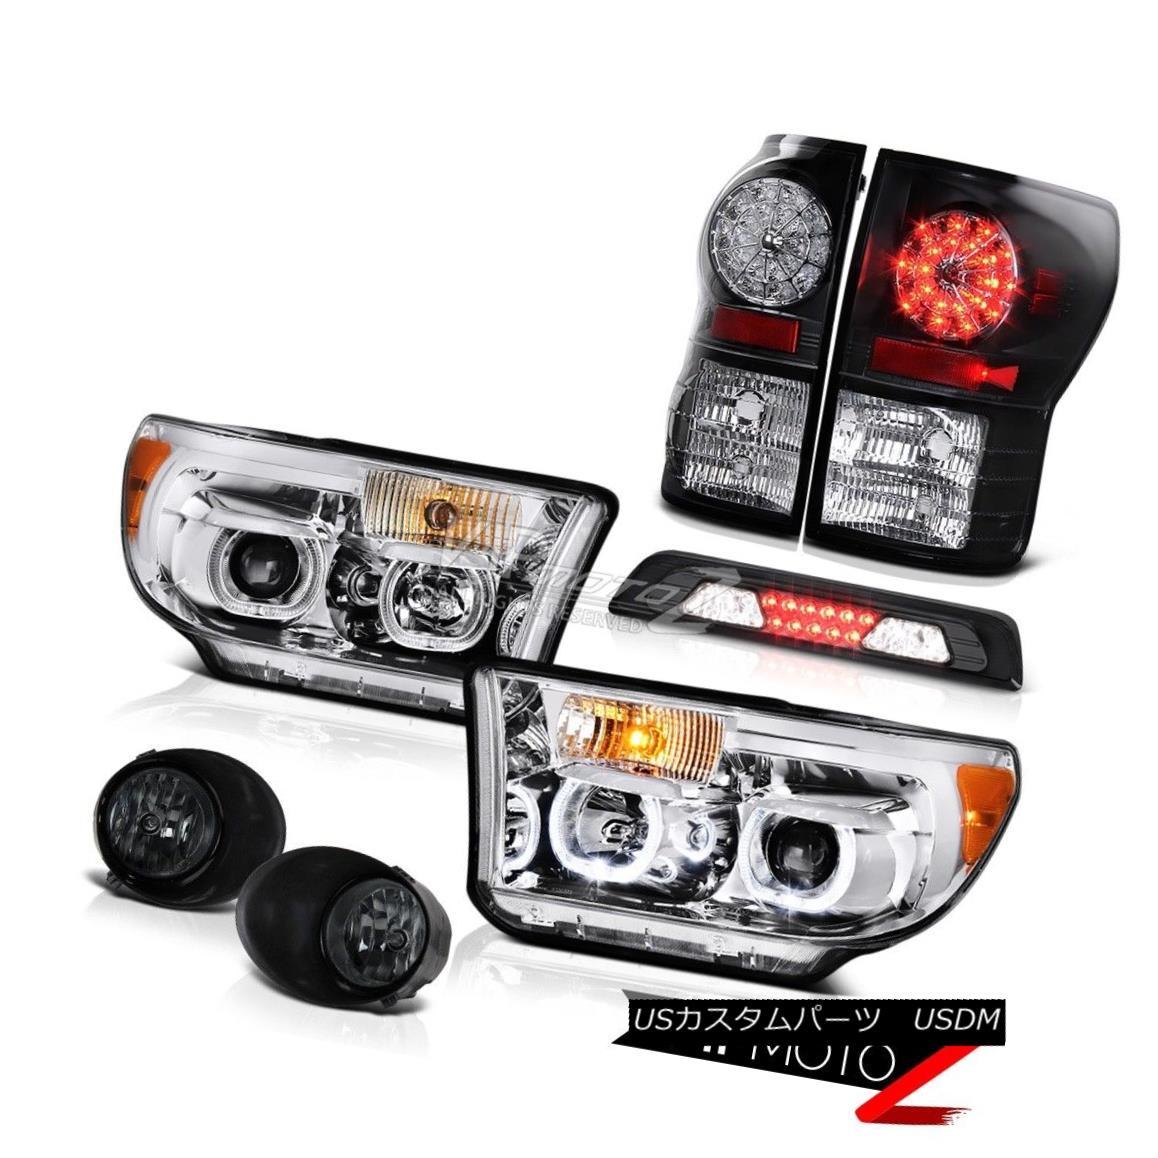 テールライト 2007-2013 Toyota Tundra SR5 Headlamps Foglights Roof Cab Light Black Tail Lamps 2007-2013トヨタトンドラSR5ヘッドランプフォグライトルーフキャブライトブラックテールランプ